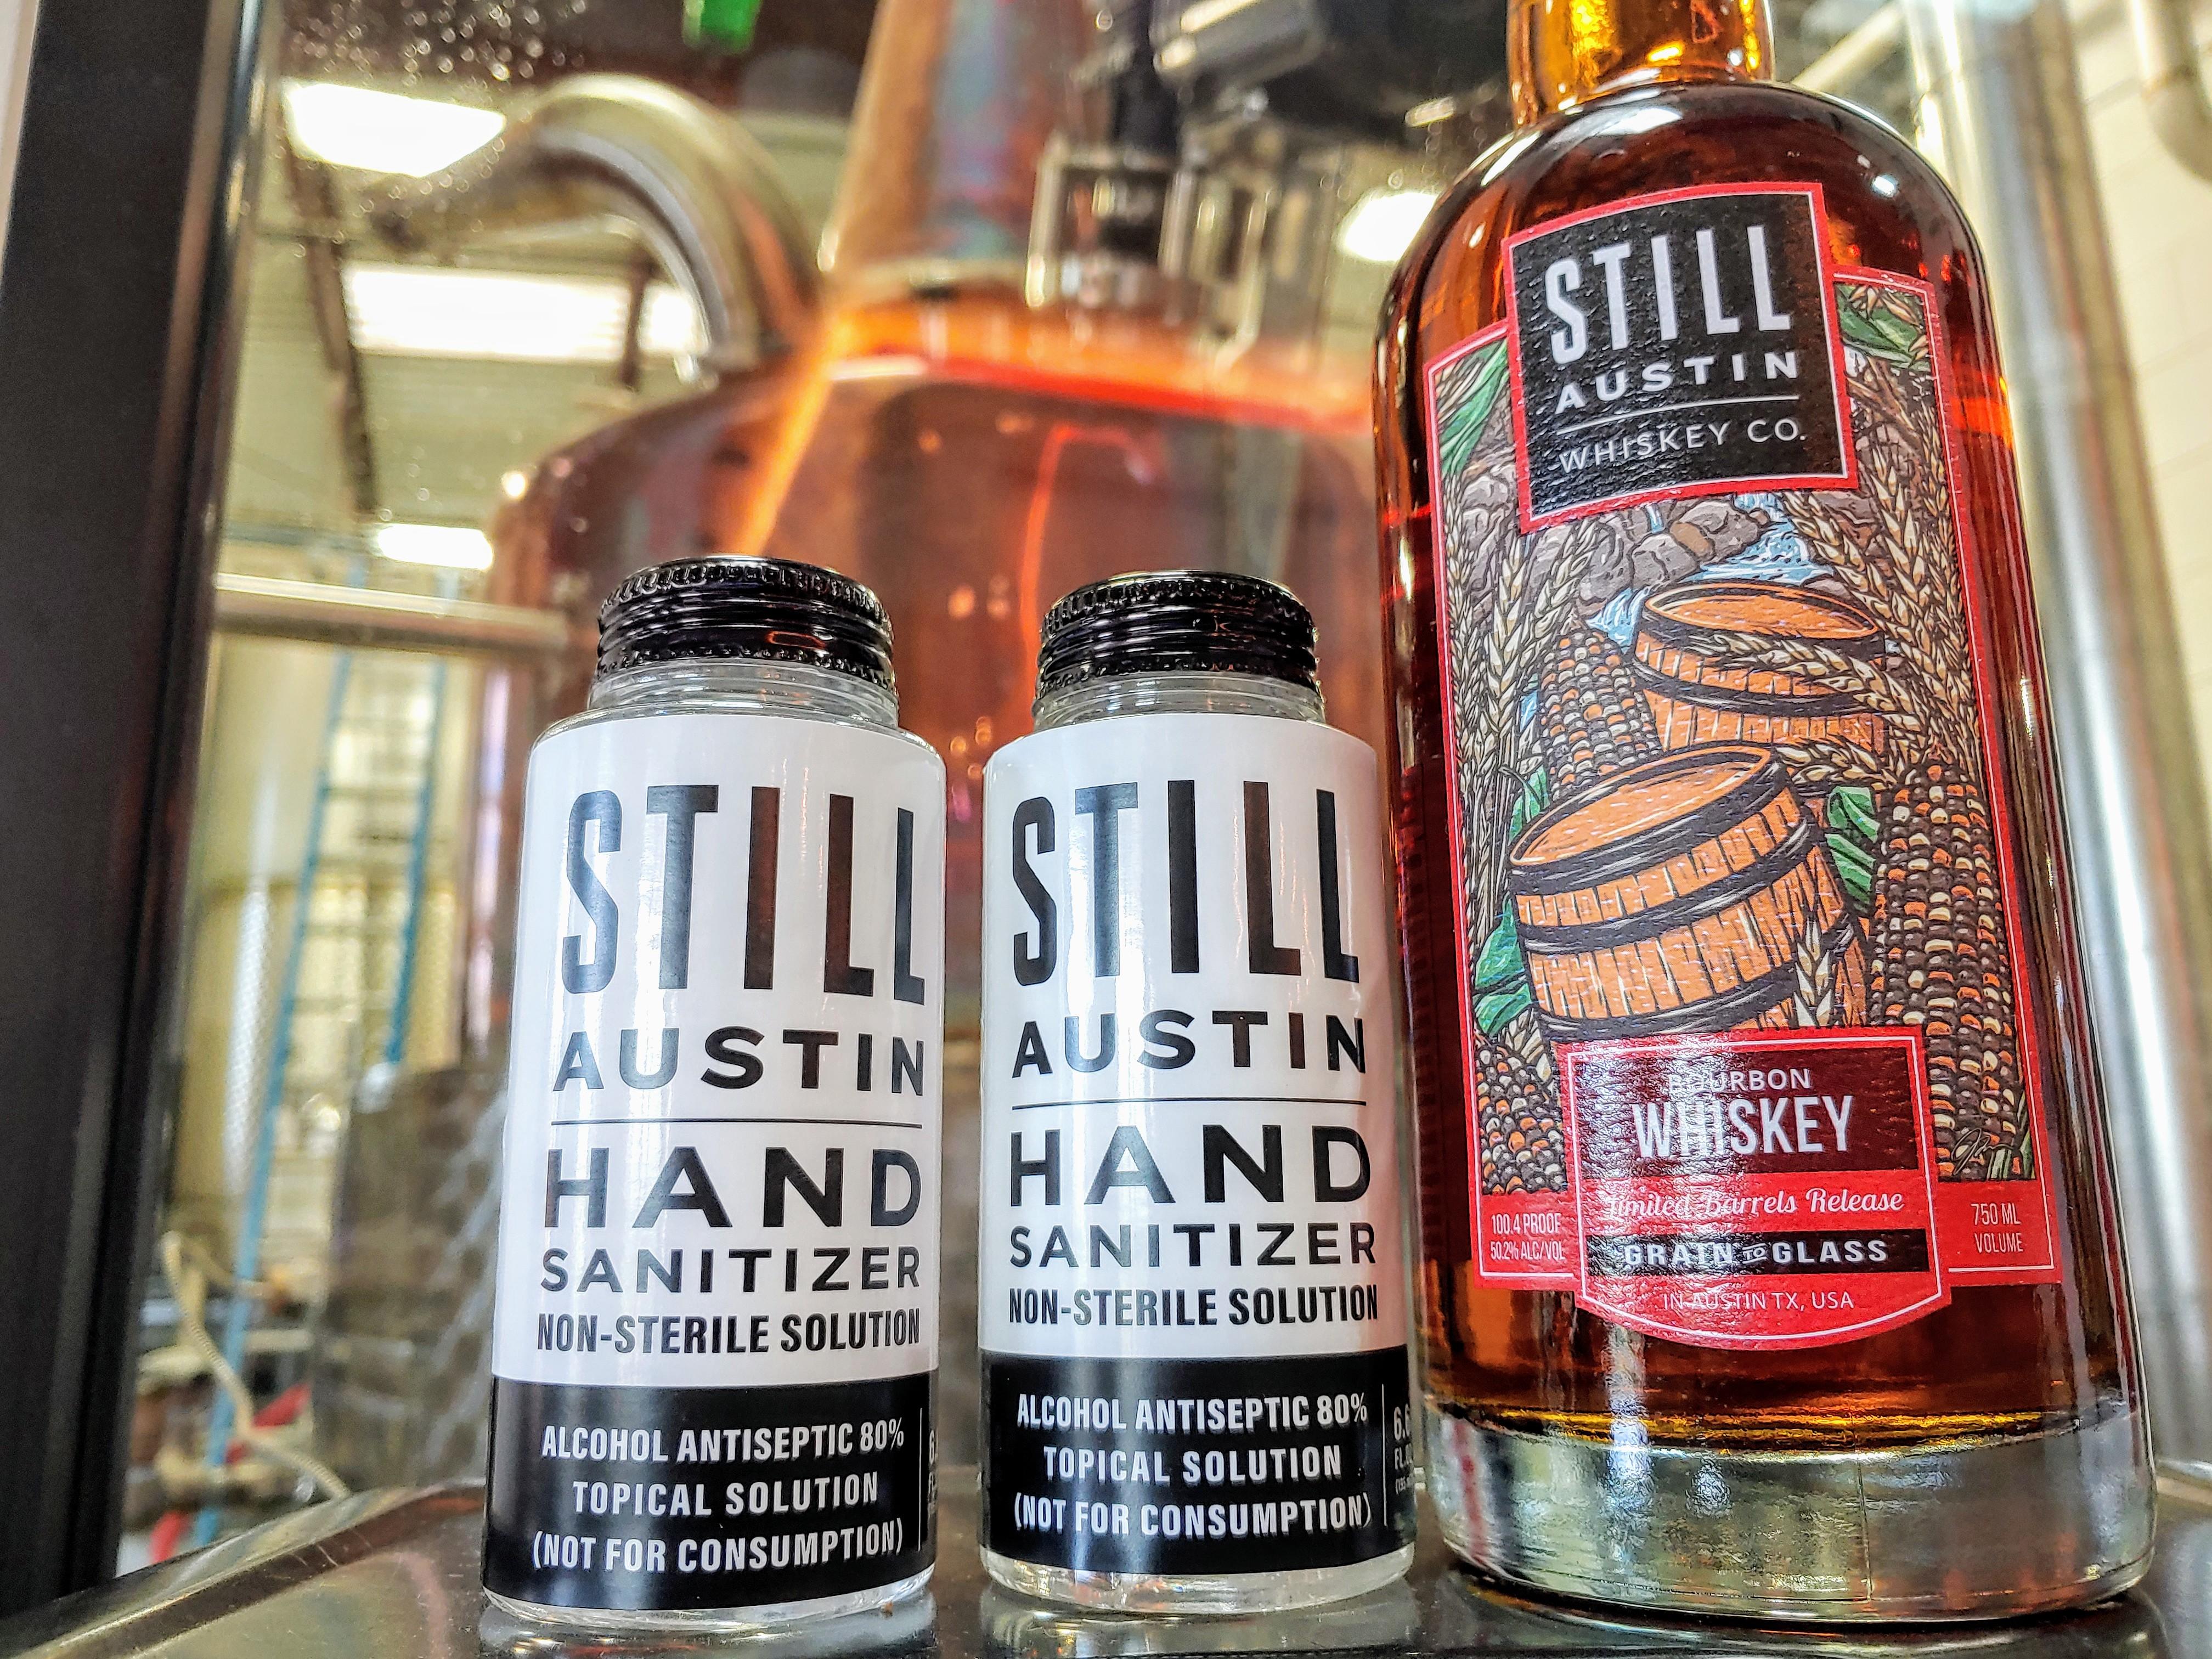 Still Austin's hand sanitizer